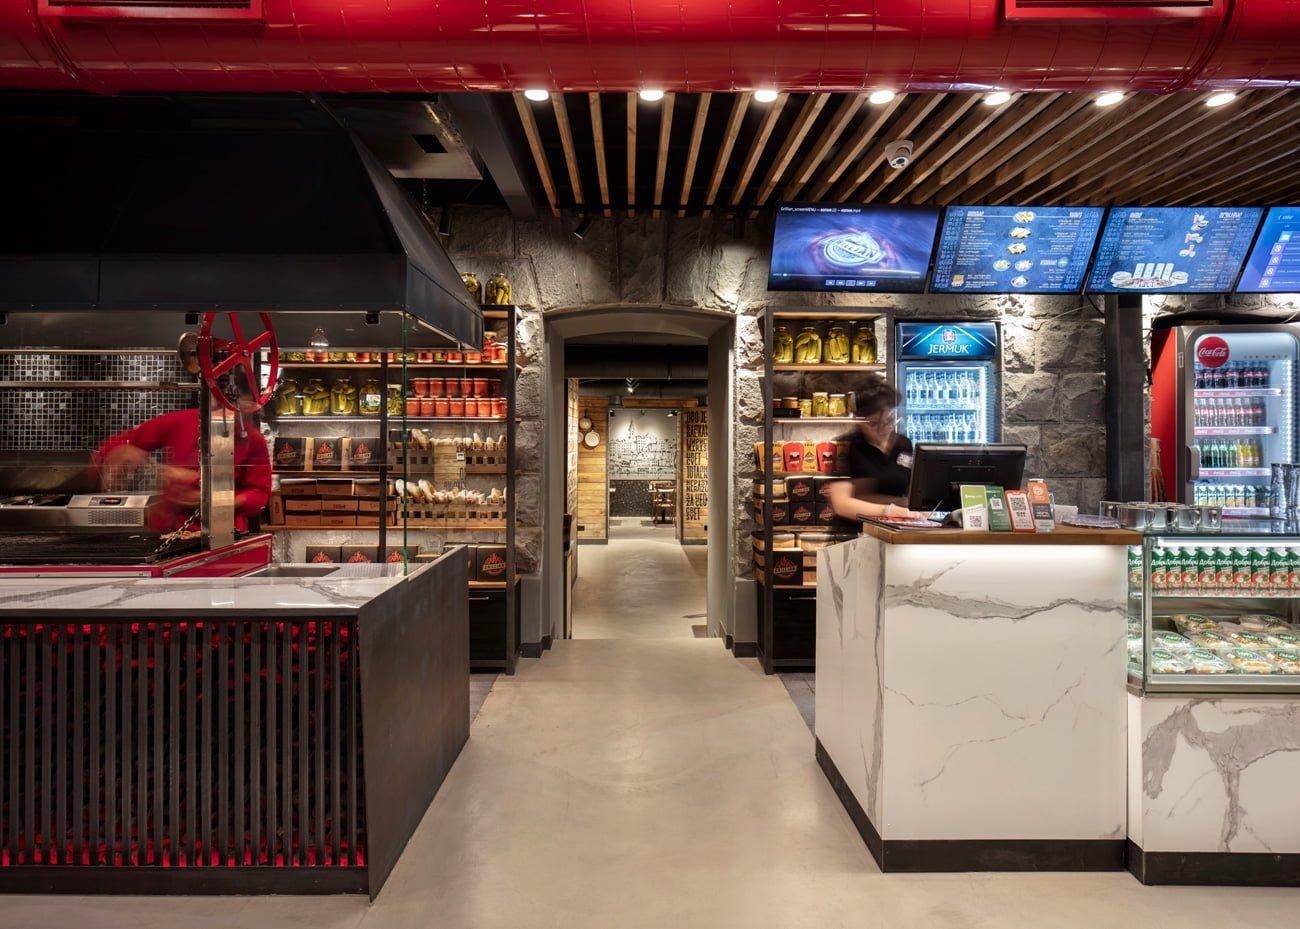 фото оформления интерьера в кантри стиле в ресторане Grillian с тематической росписью